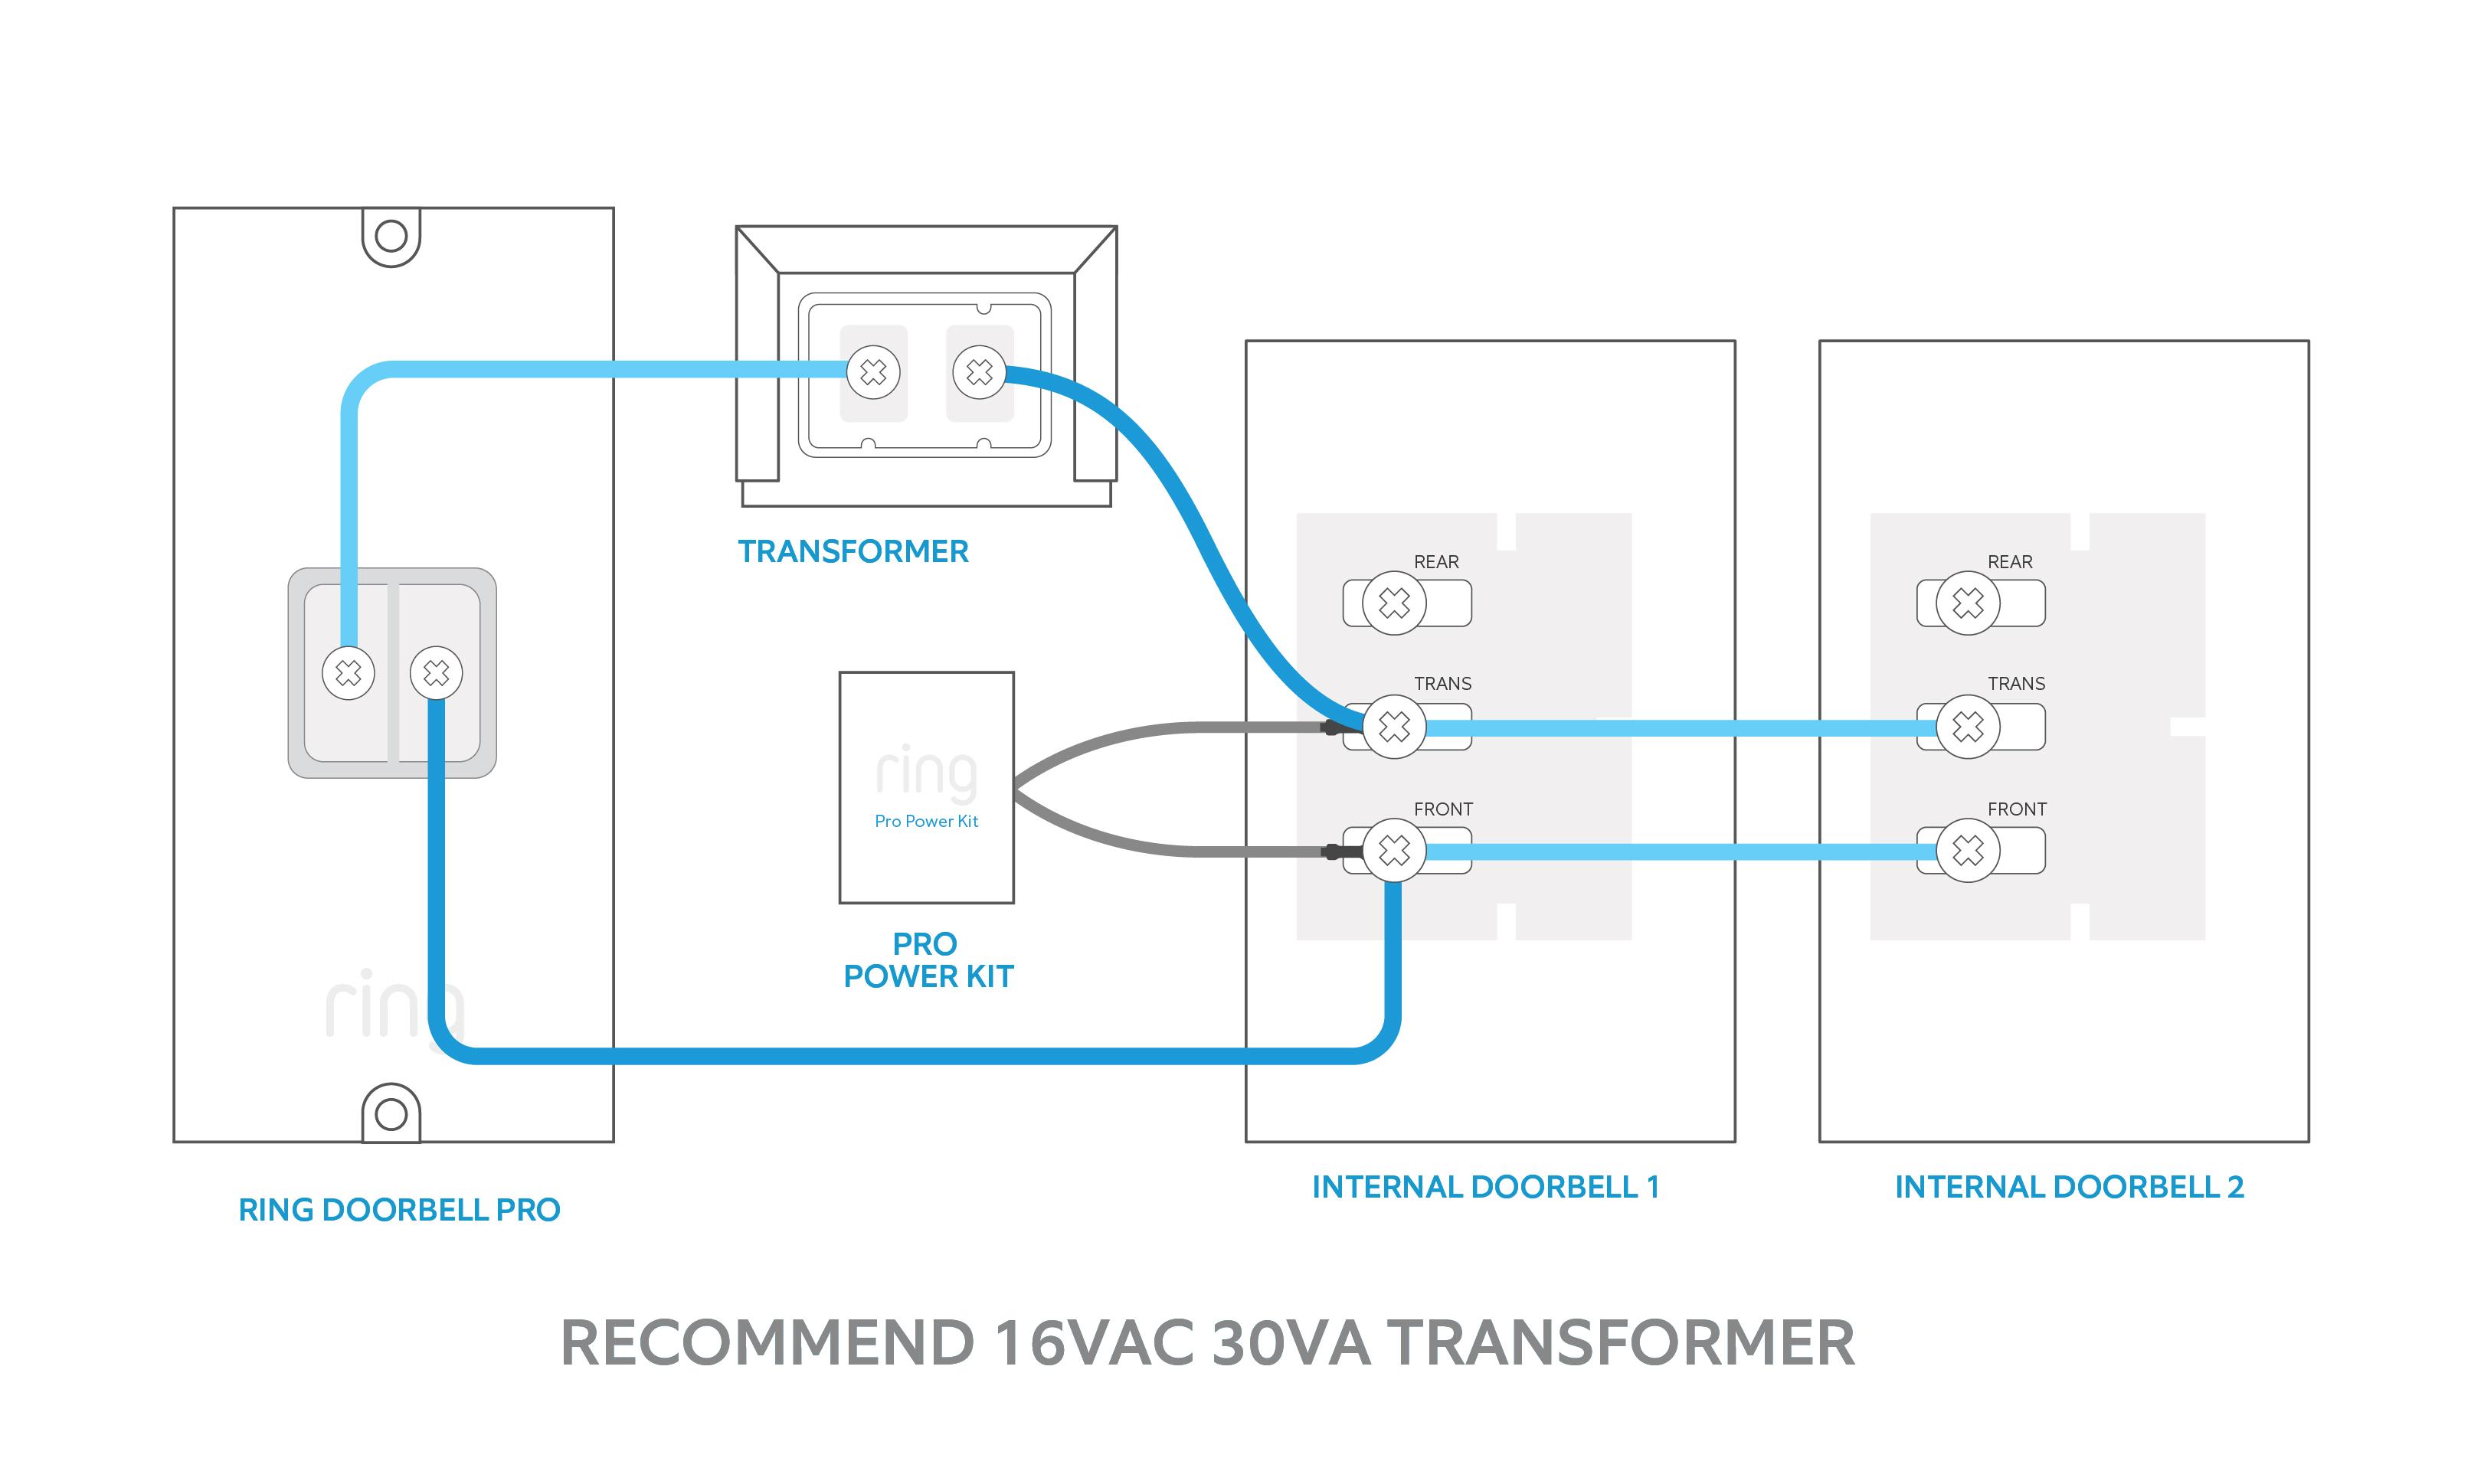 amp wiring diagram chime wiring diagram schematic amp wiring diagram chime